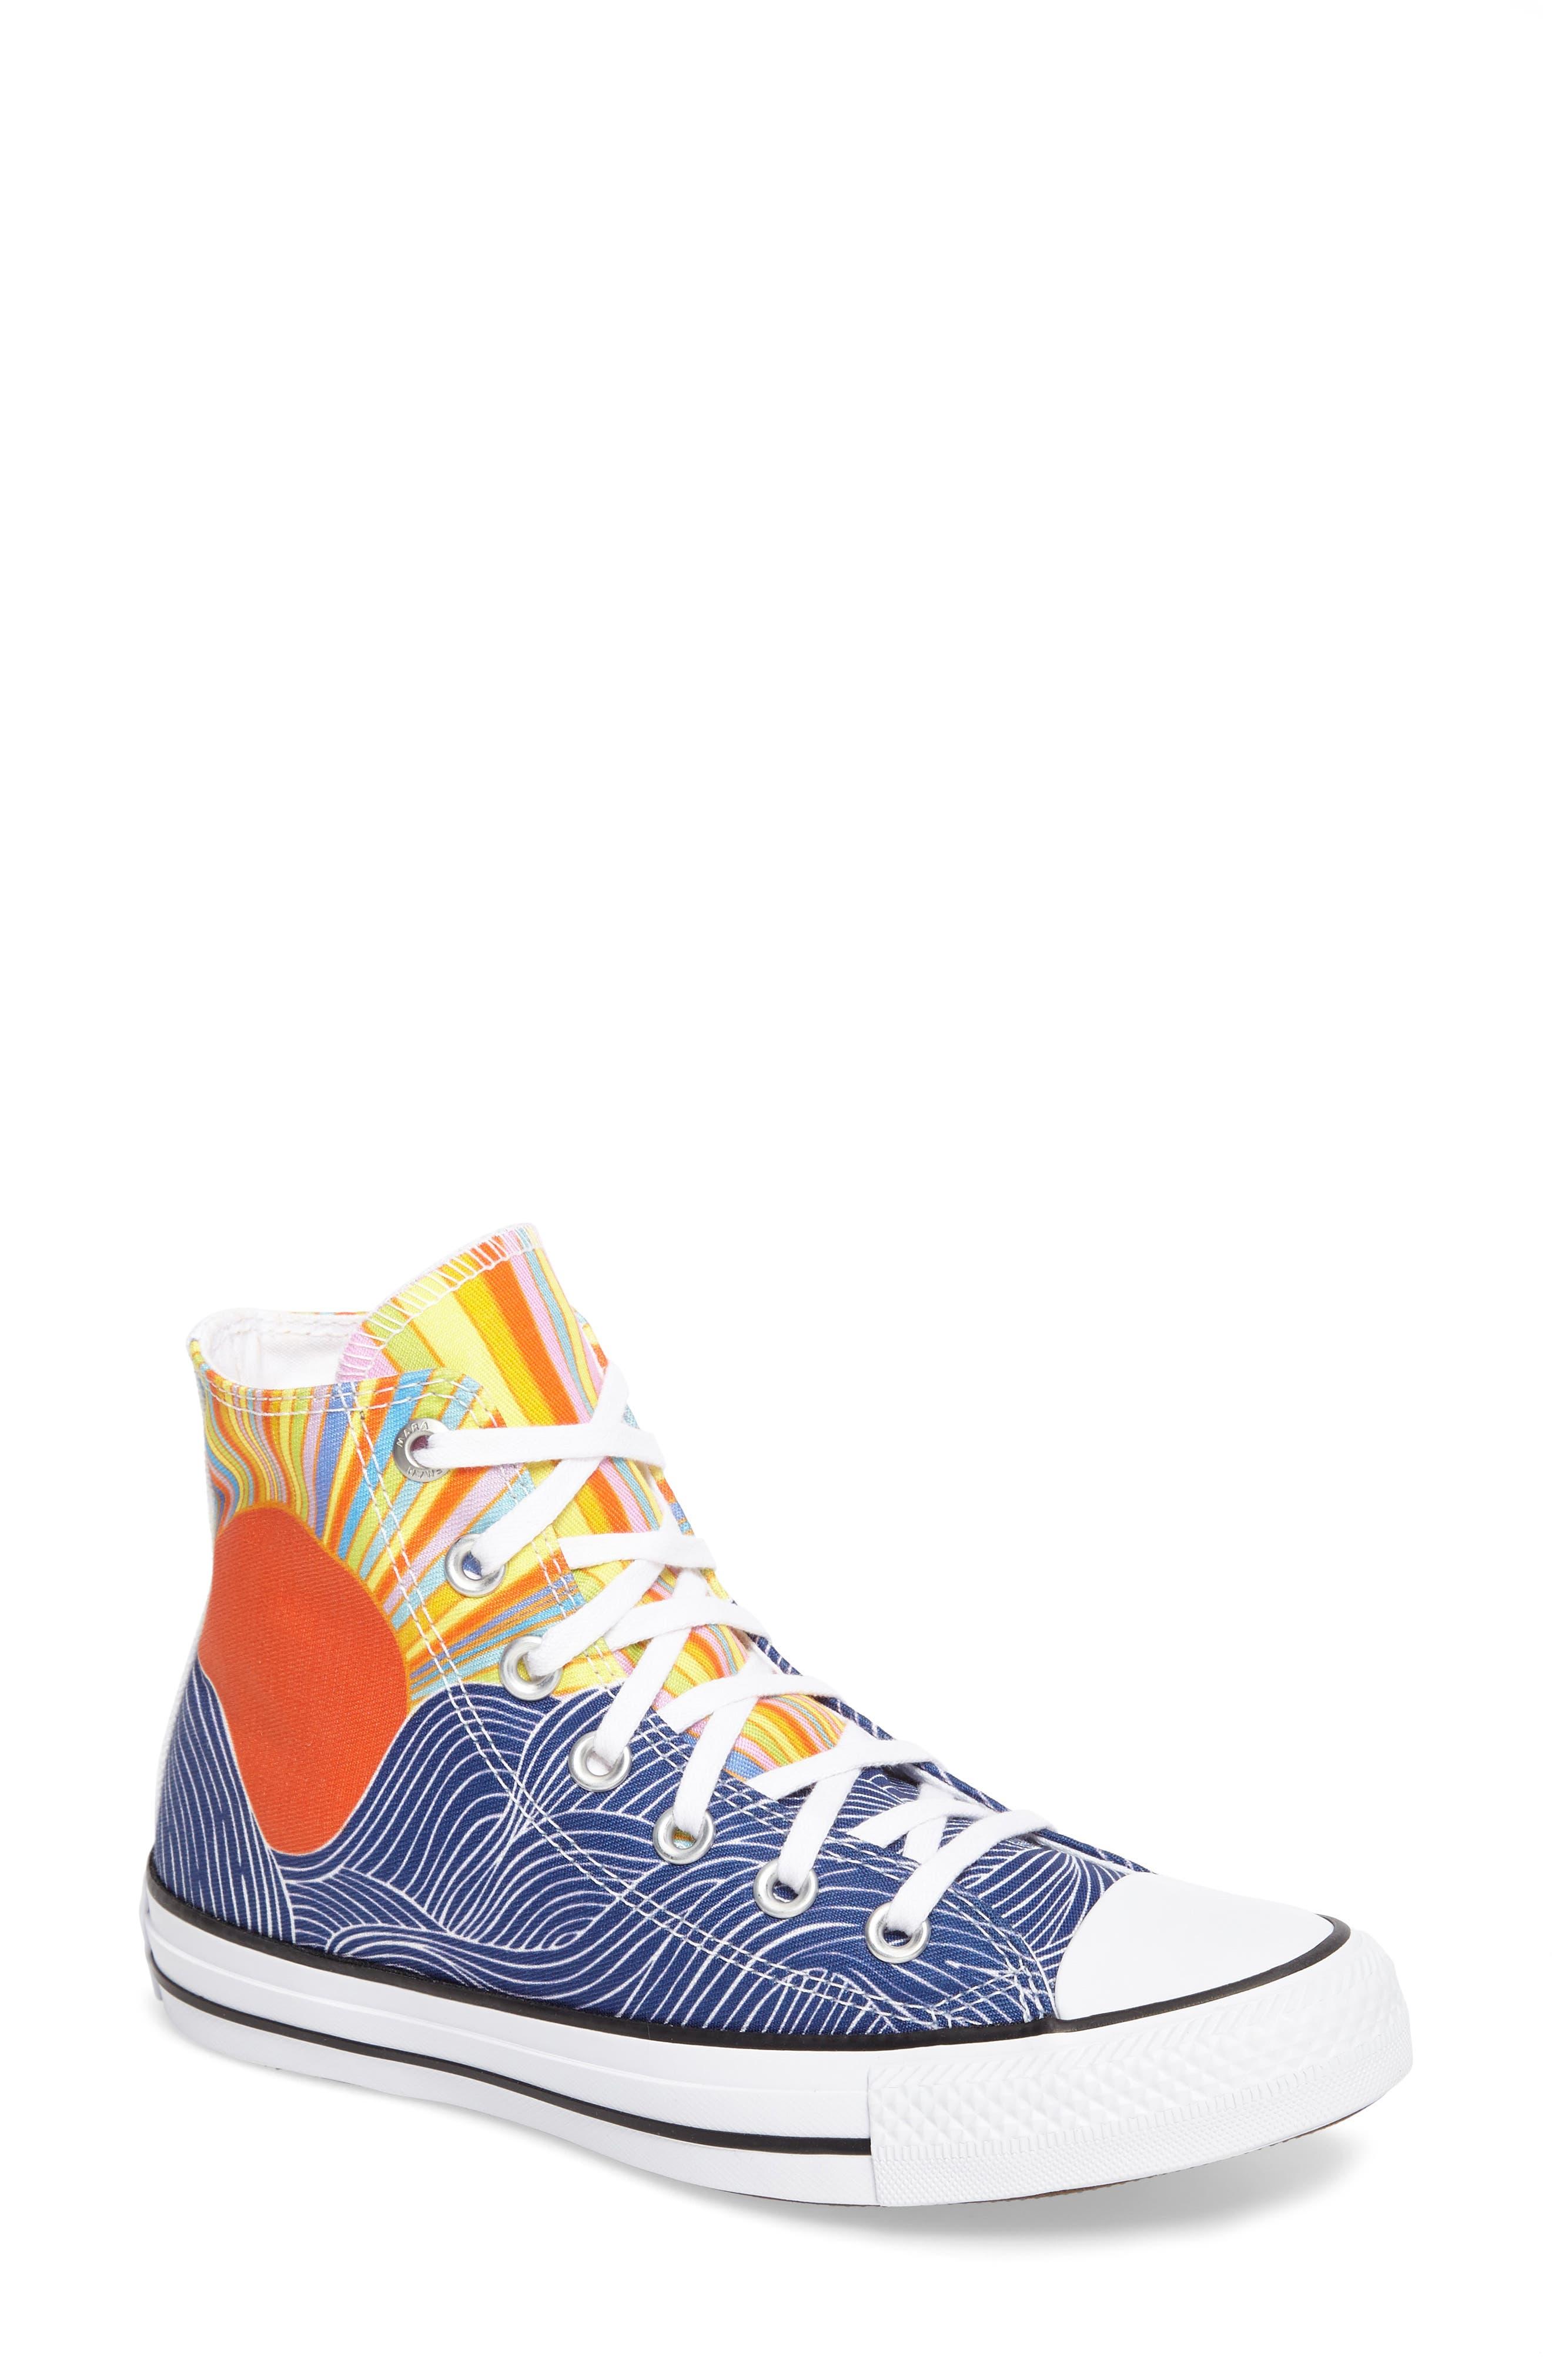 Converse x Mara Hoffman All Star® Embroidered High Top Sneaker (Women)